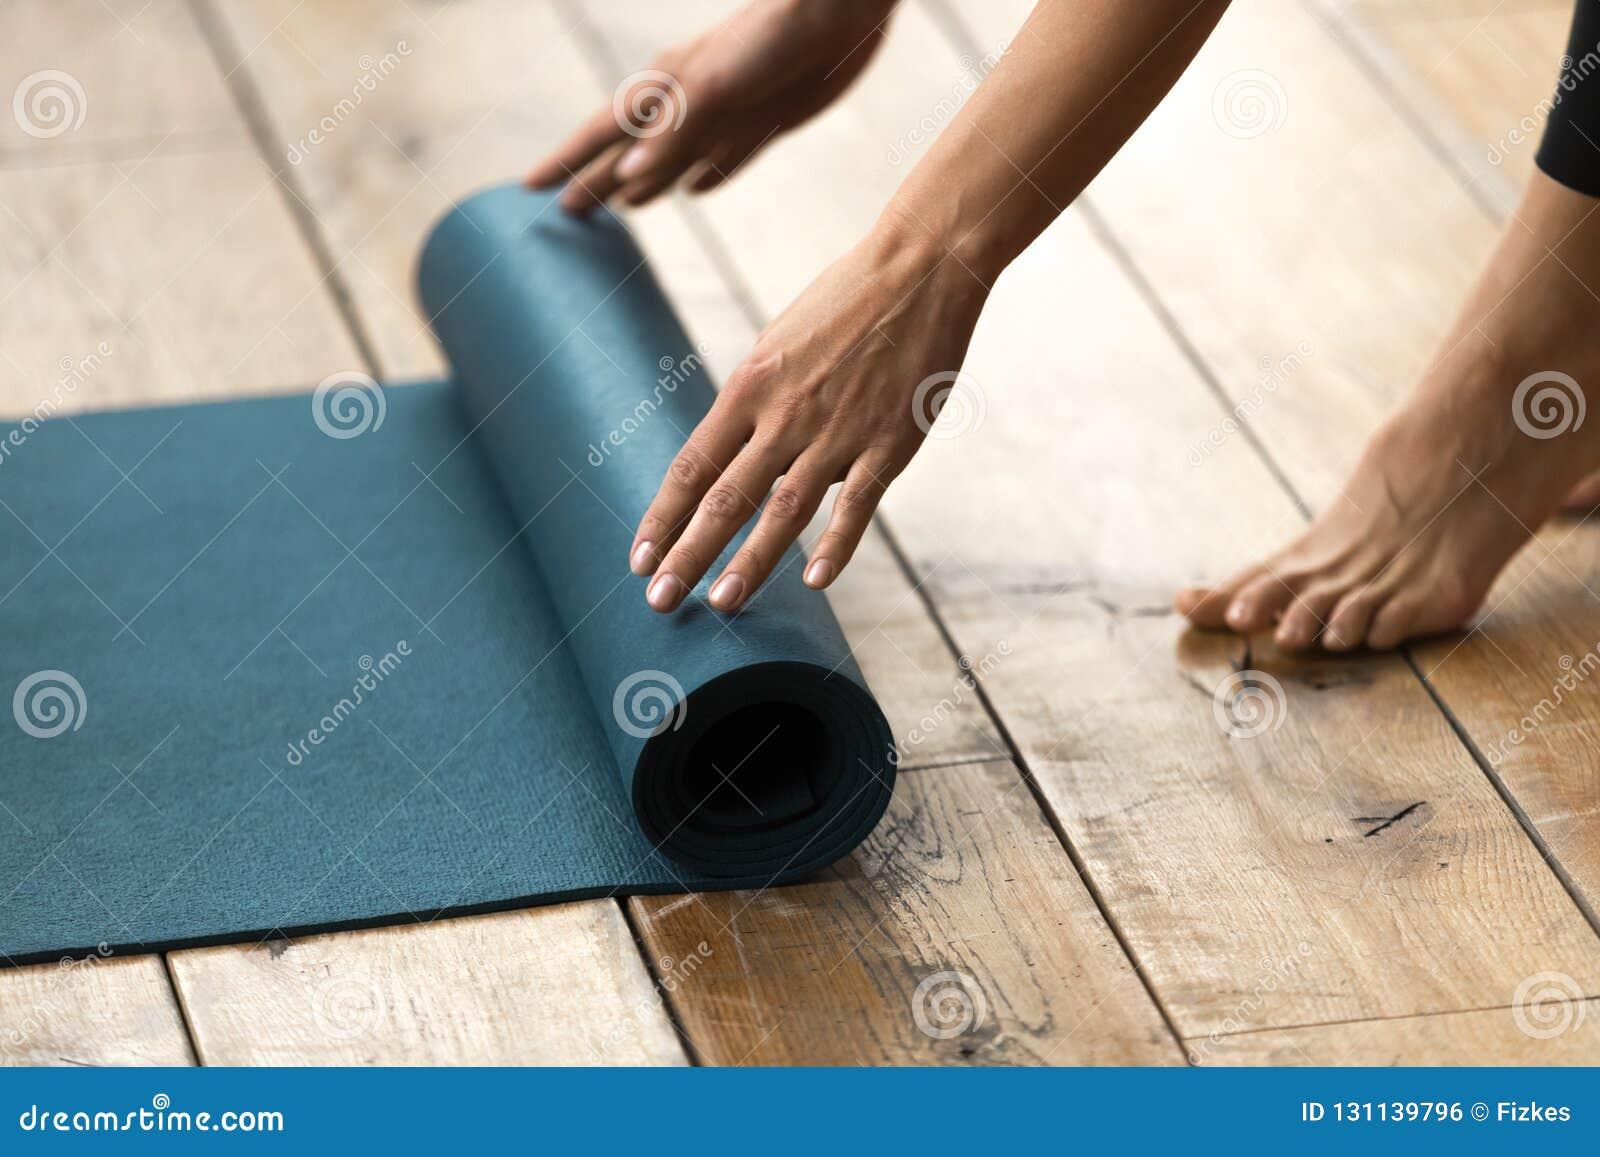 Utrustning för kondition, pilates eller yoga, matt blå övning